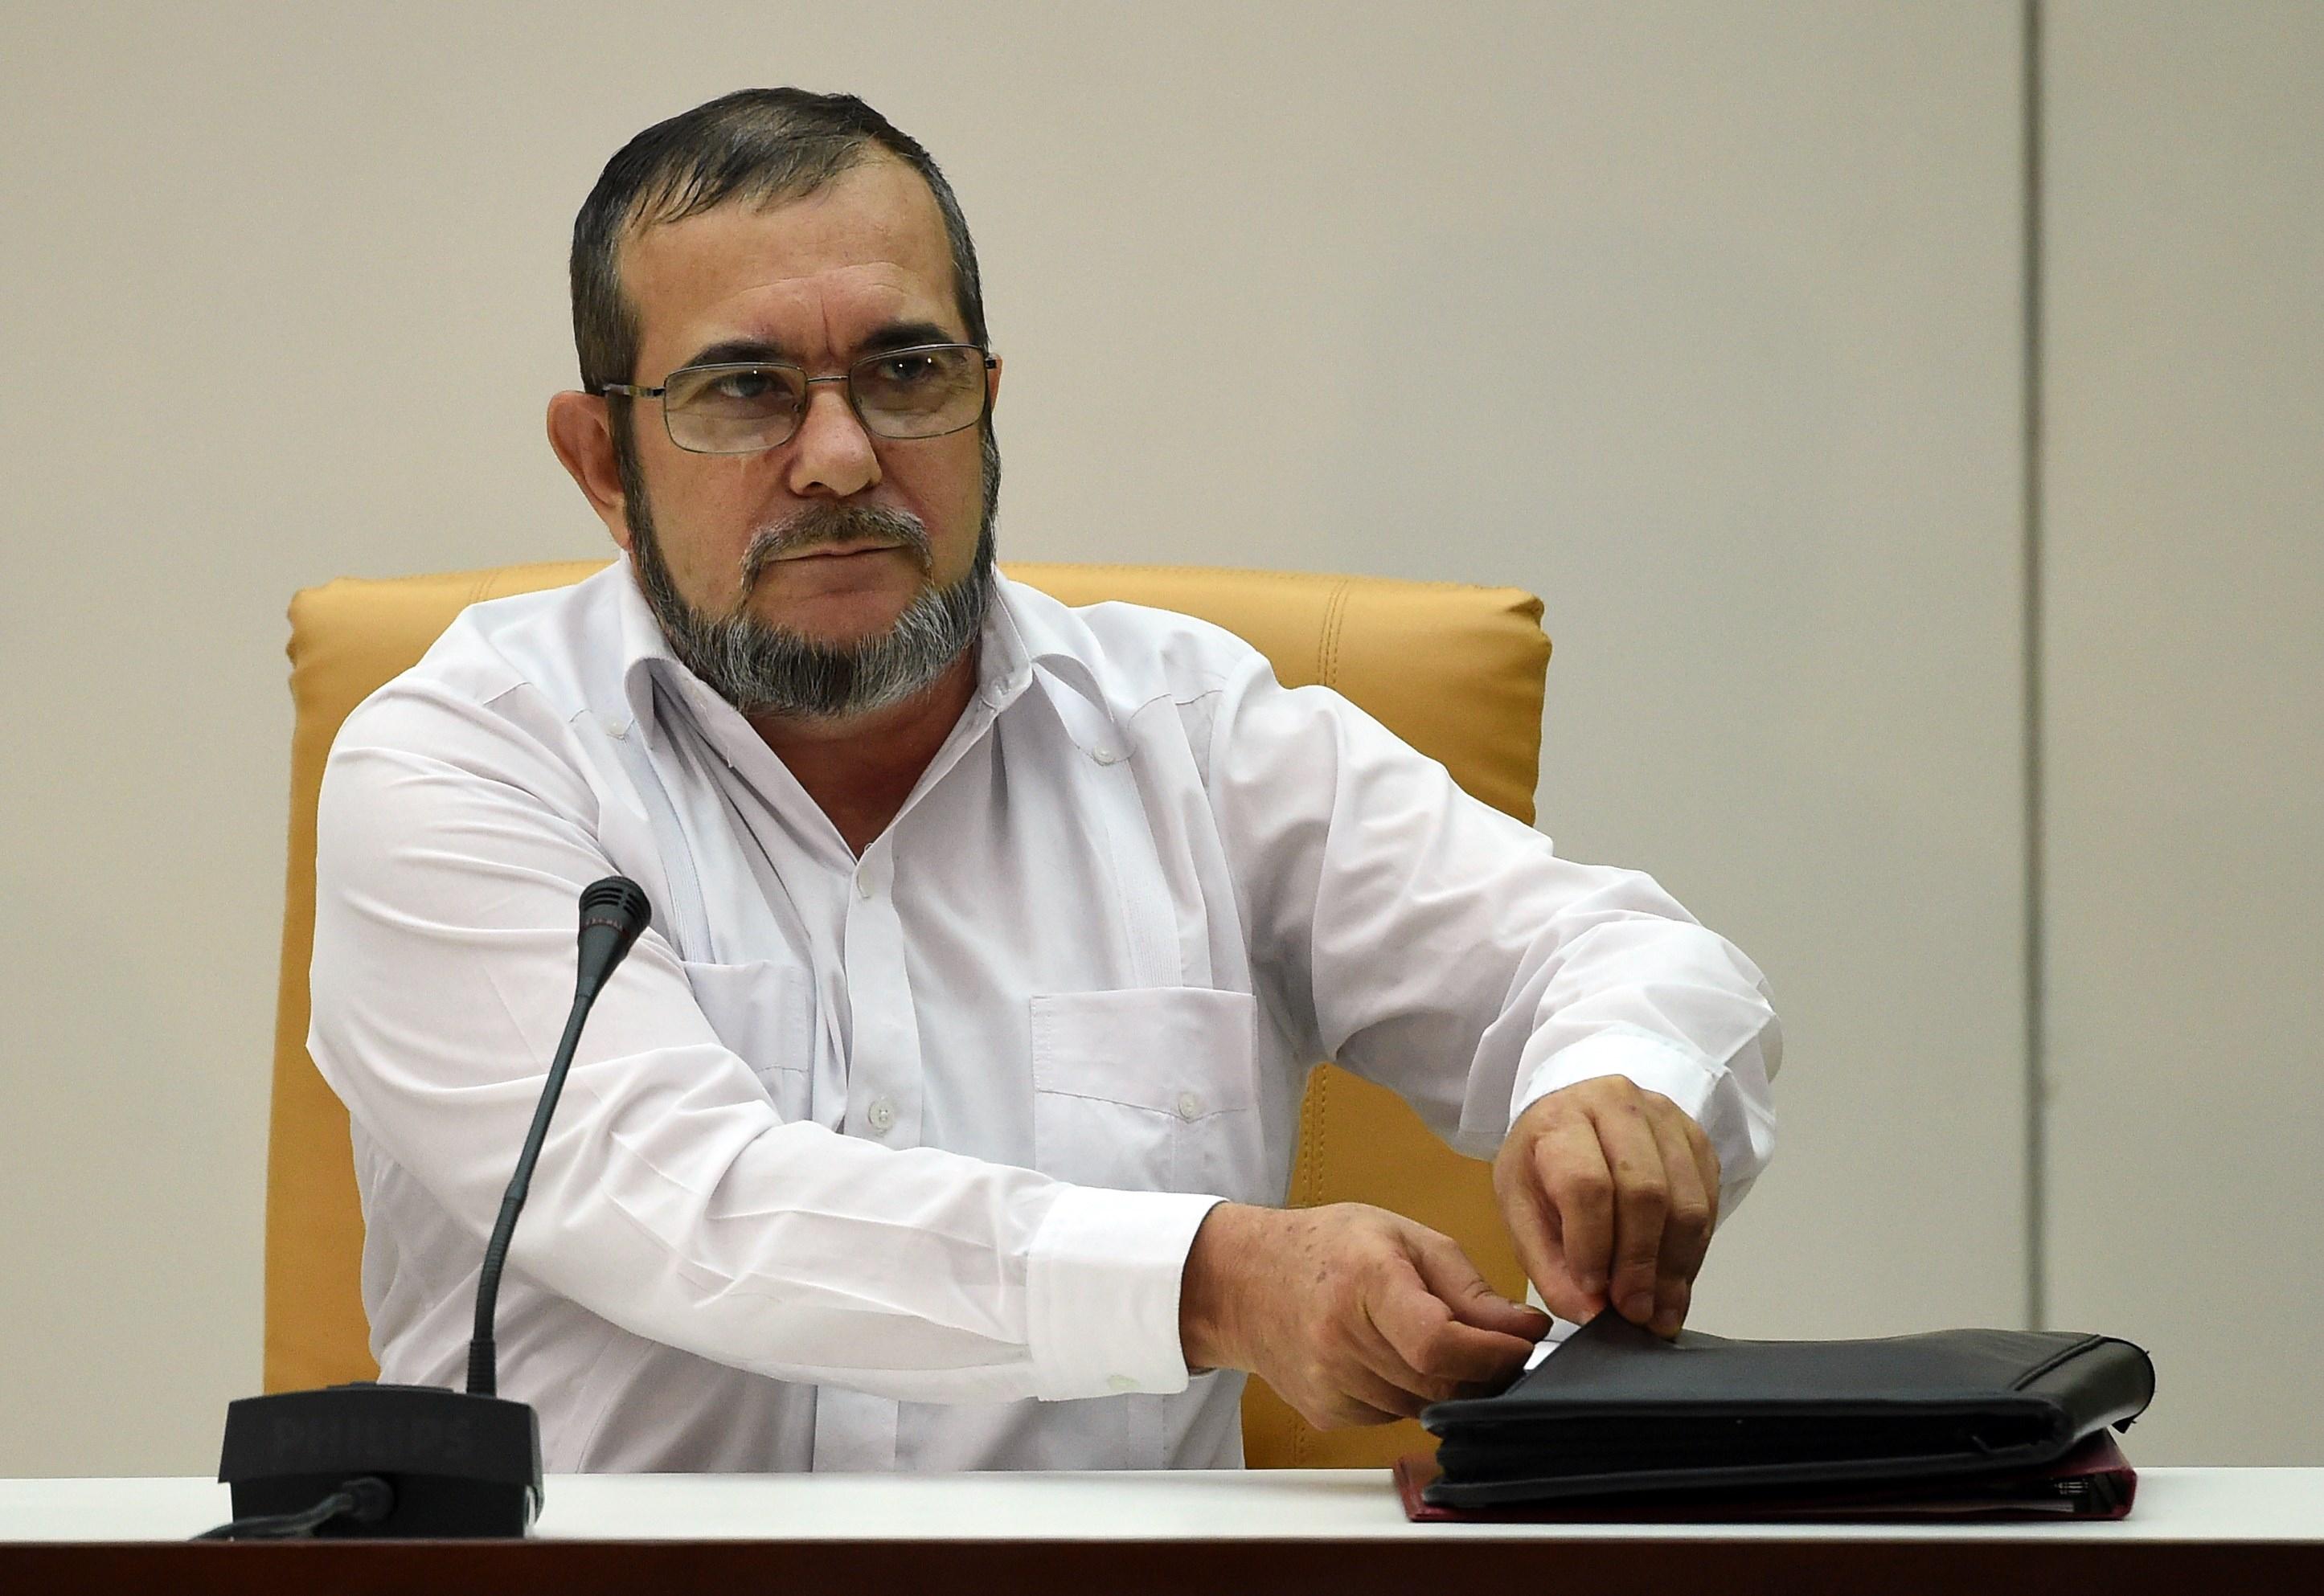 Timoleón Jimenez alias 'Timochenko' fue a La Habana, Cuba a reunirse con el presidente Juan Manuel Santos para anunciar el acuerdo de justicia transicional del proceso de paz el pasado 23 de septiembre. (Crédito: LUIS ACOSTA/AFP/Getty Images)